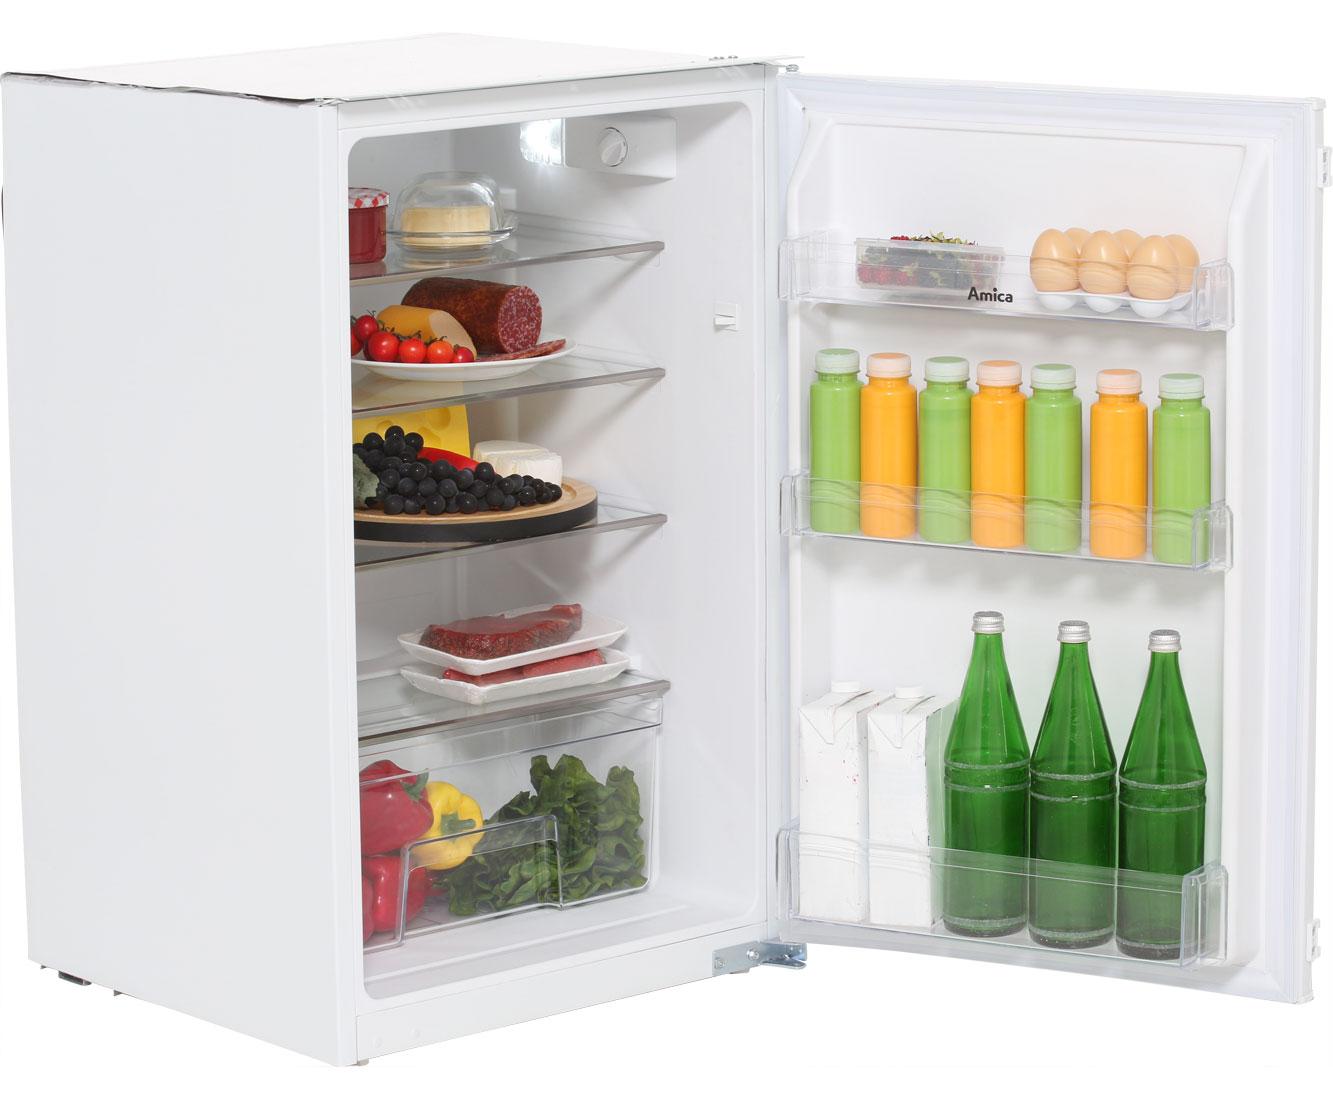 Mini Kühlschrank Für Kaffeevollautomat : Kaffeevollautomaten immer frisch gebrüht tasse für tasse